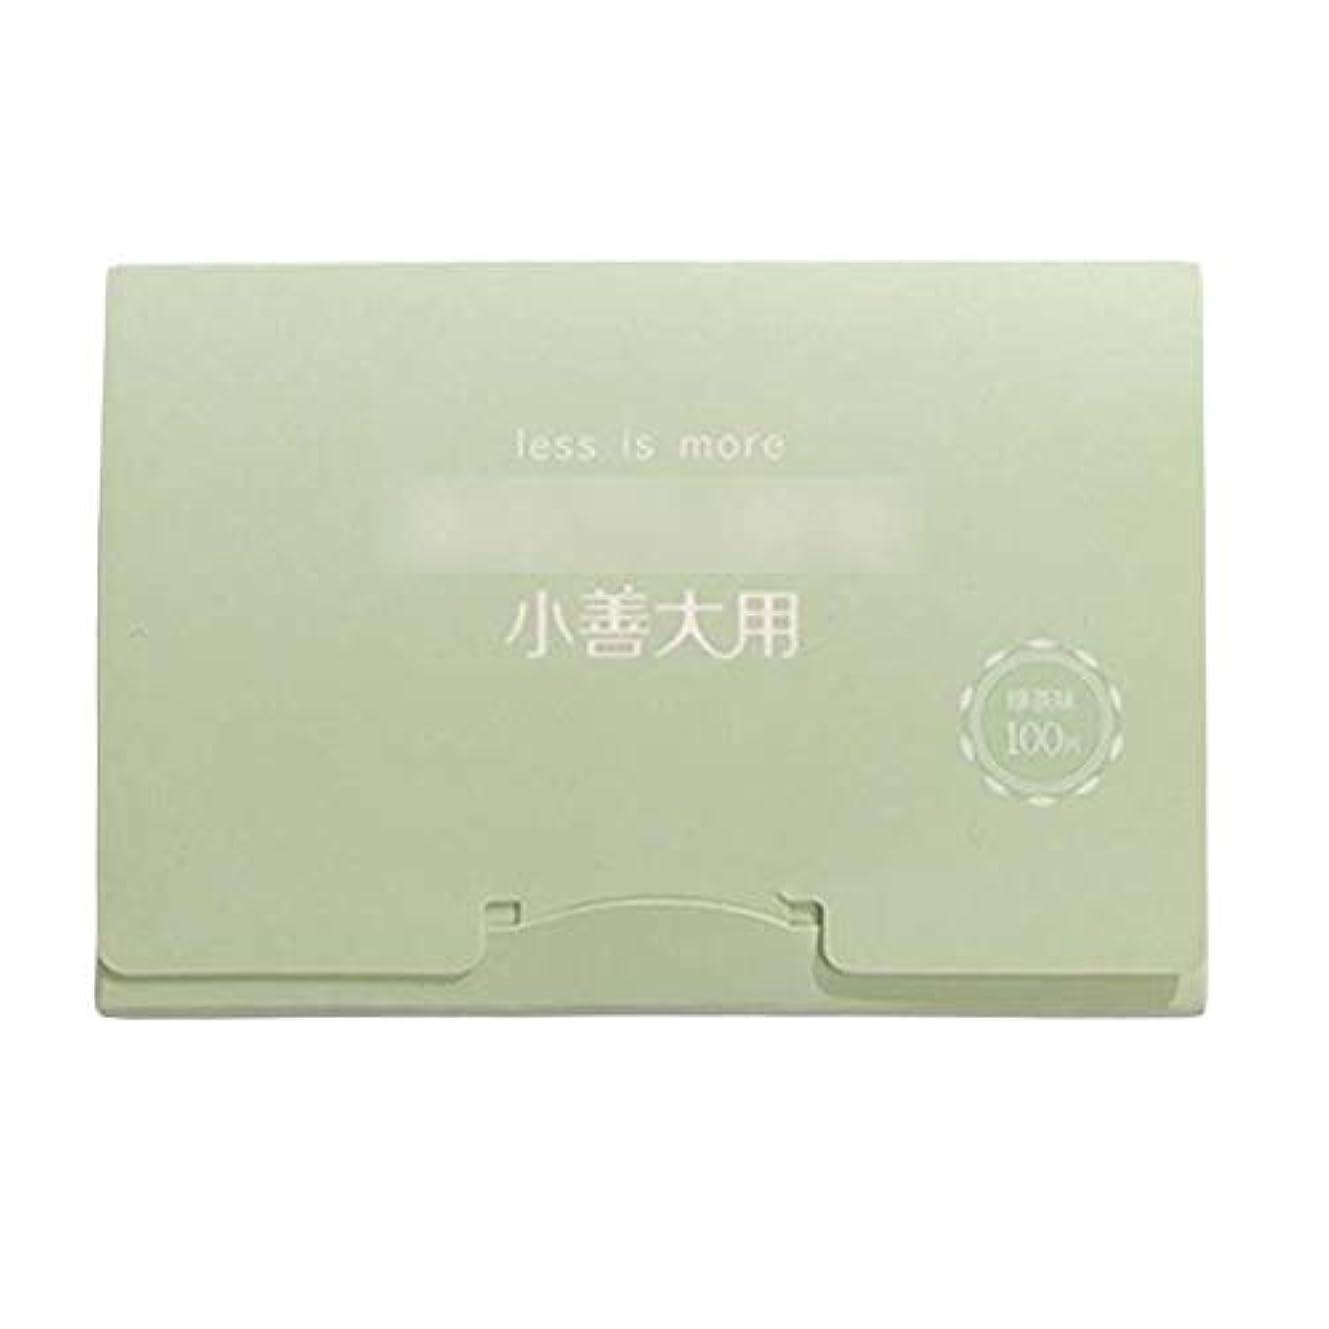 ナビゲーション良心座標緑茶夏顔用携帯用あぶらとりティッシュペーパー、300枚